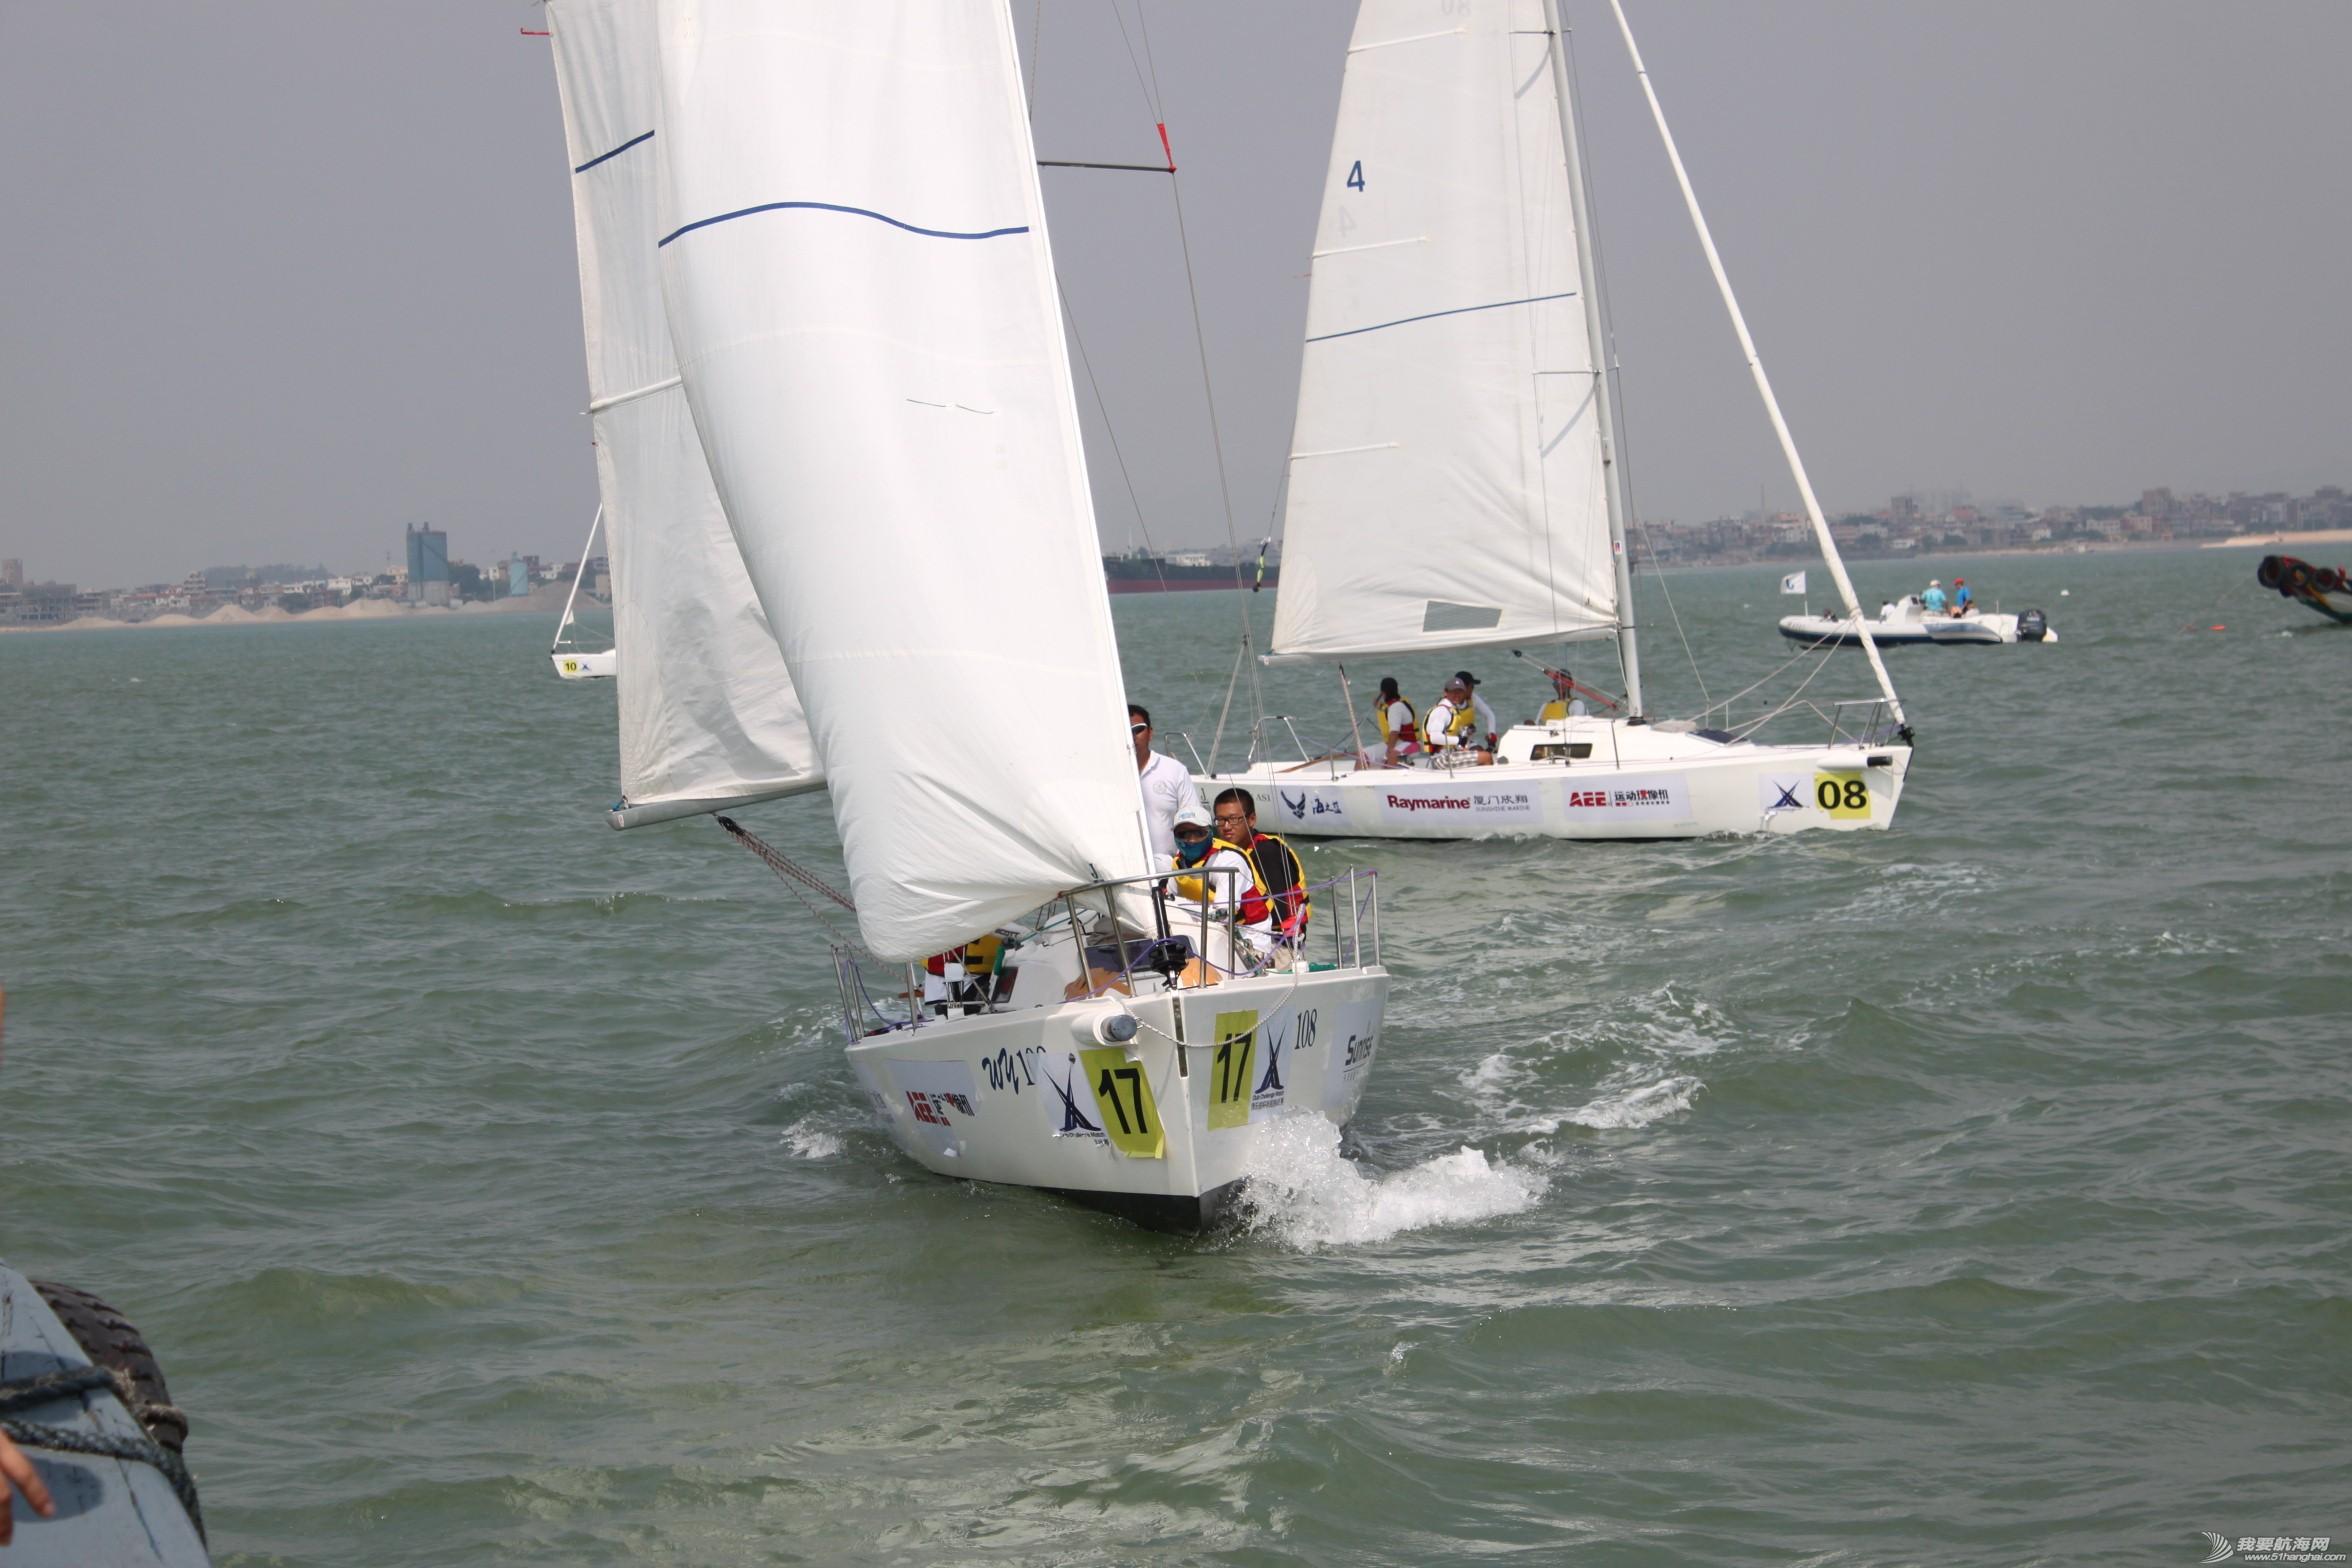 17号船放下前帆直冲过来,他们是中国大学帆船协会队,成员是厦门大学的学生,A组第五名。